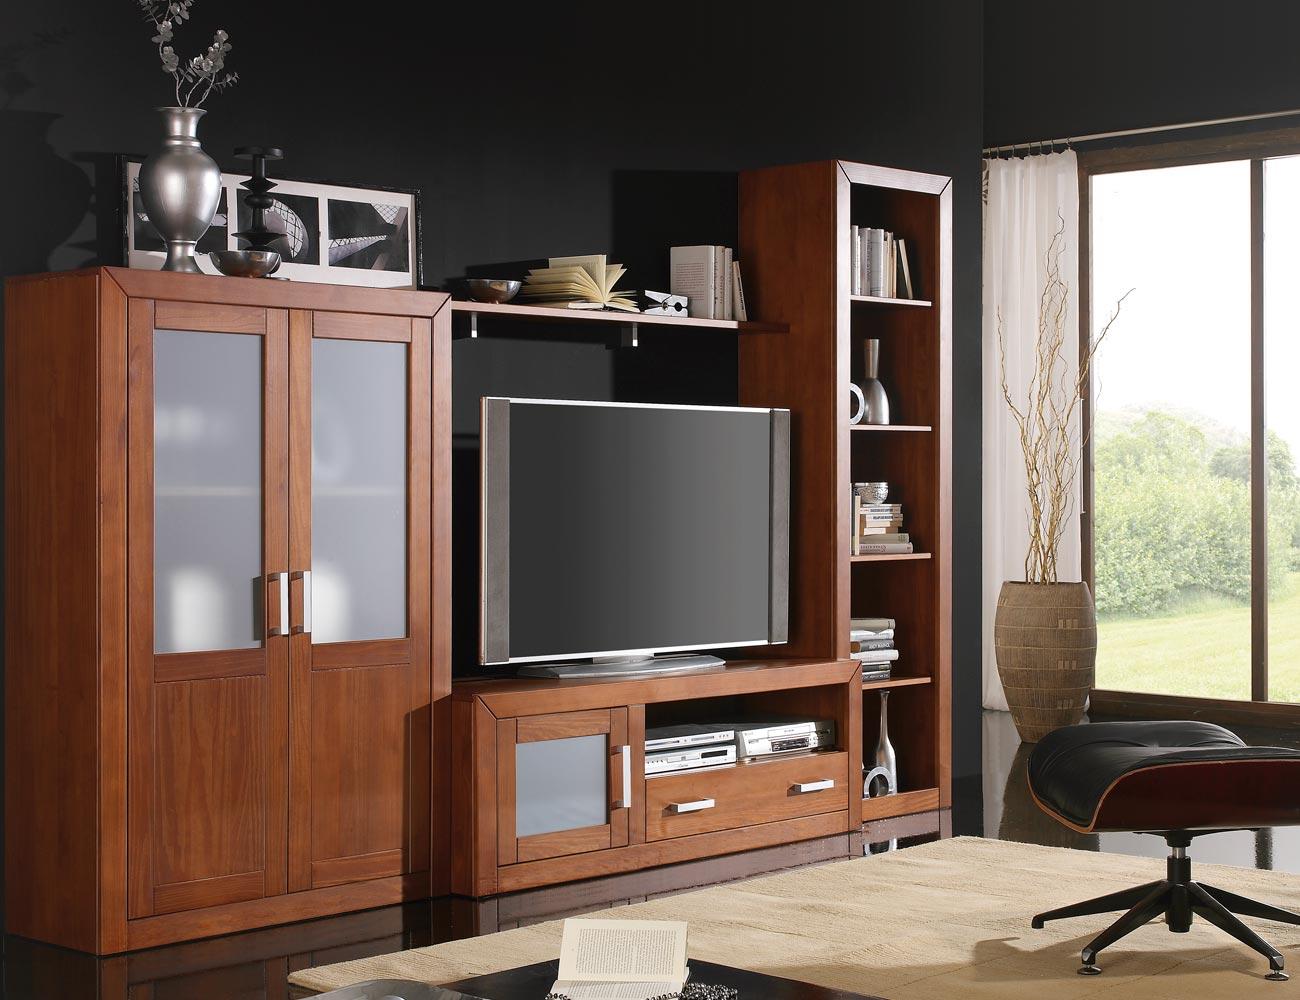 Ambiente5 mueble salon comedor estanteria bodeguero tv  nogal1